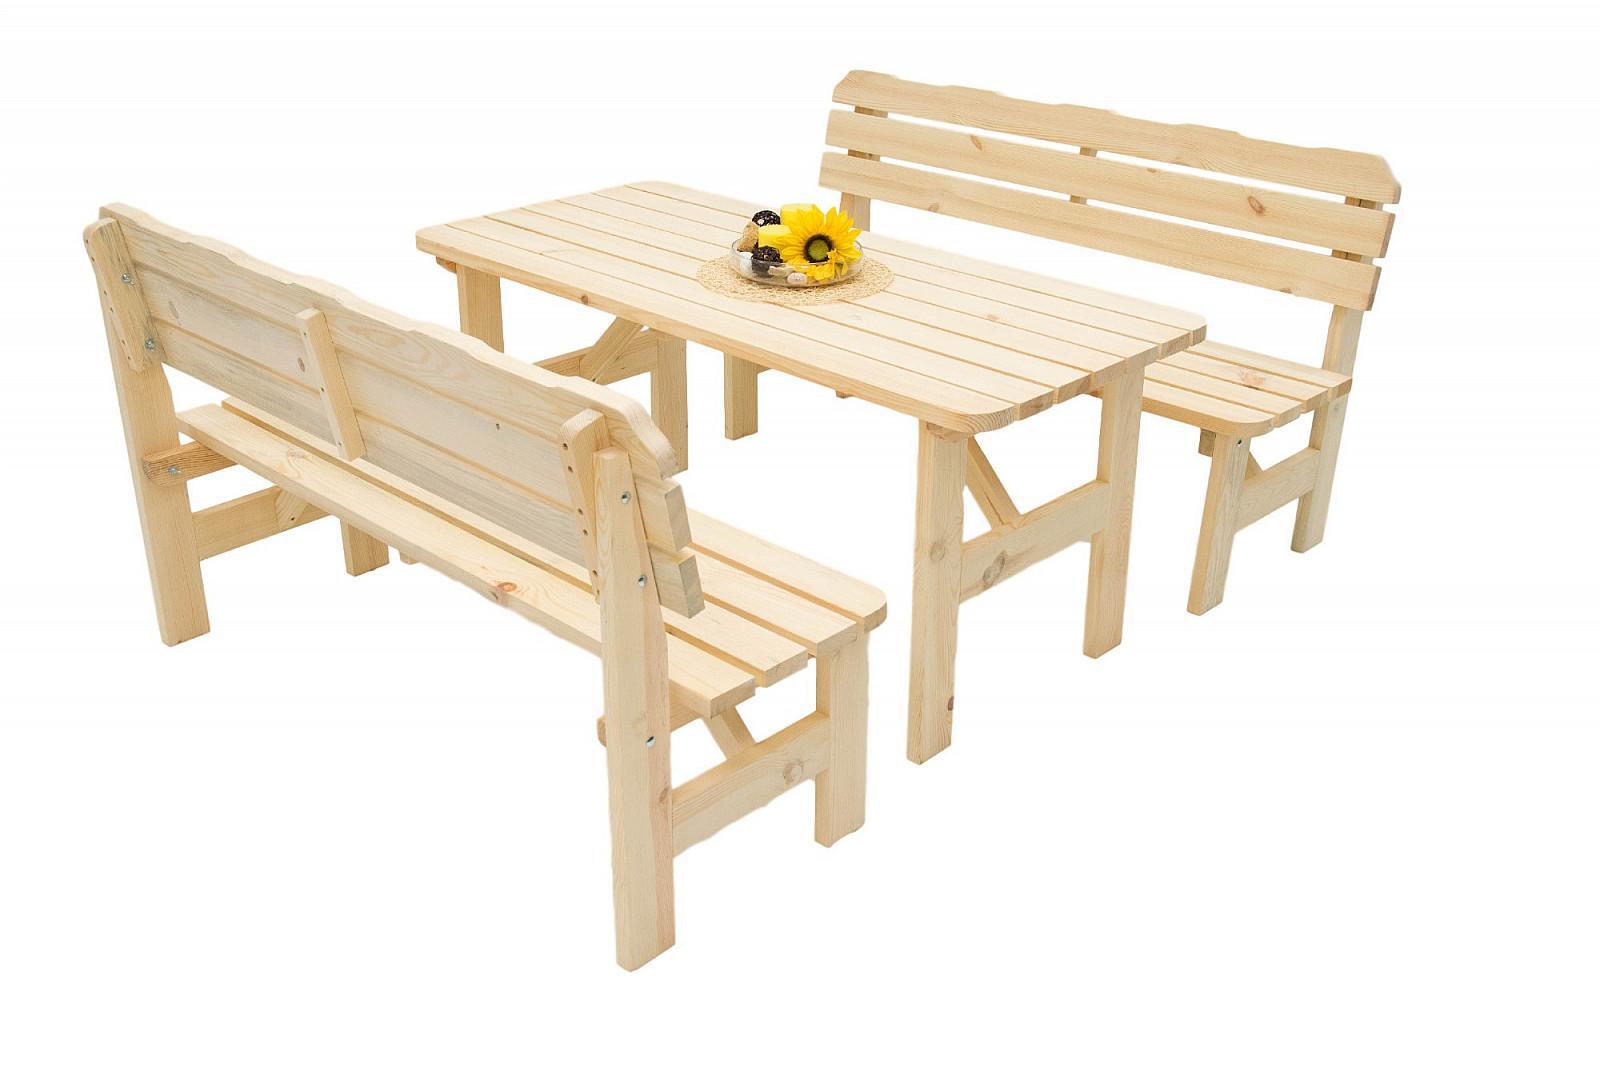 DEOKORK Masívna drevená záhradná zostava z borovice 1+2 drevo 32 mm (180 cm)